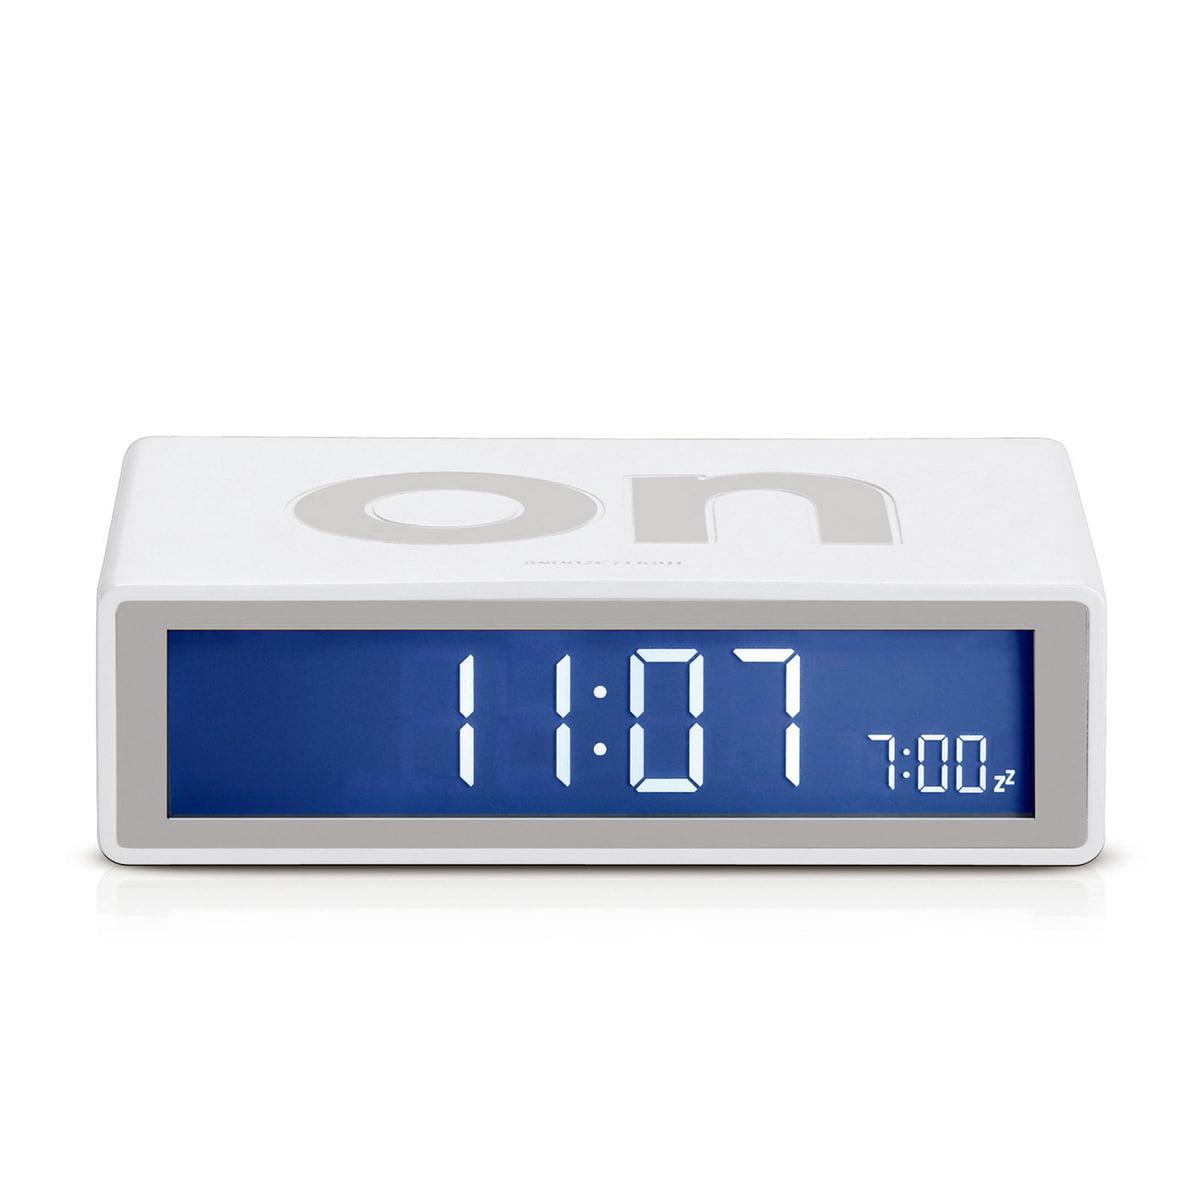 Lexon - Flip2 LCD-Wecker, mastic | Dekoration > Uhren > Wecker | Weiß | Gummi -  abs-kunststoff | Lexon